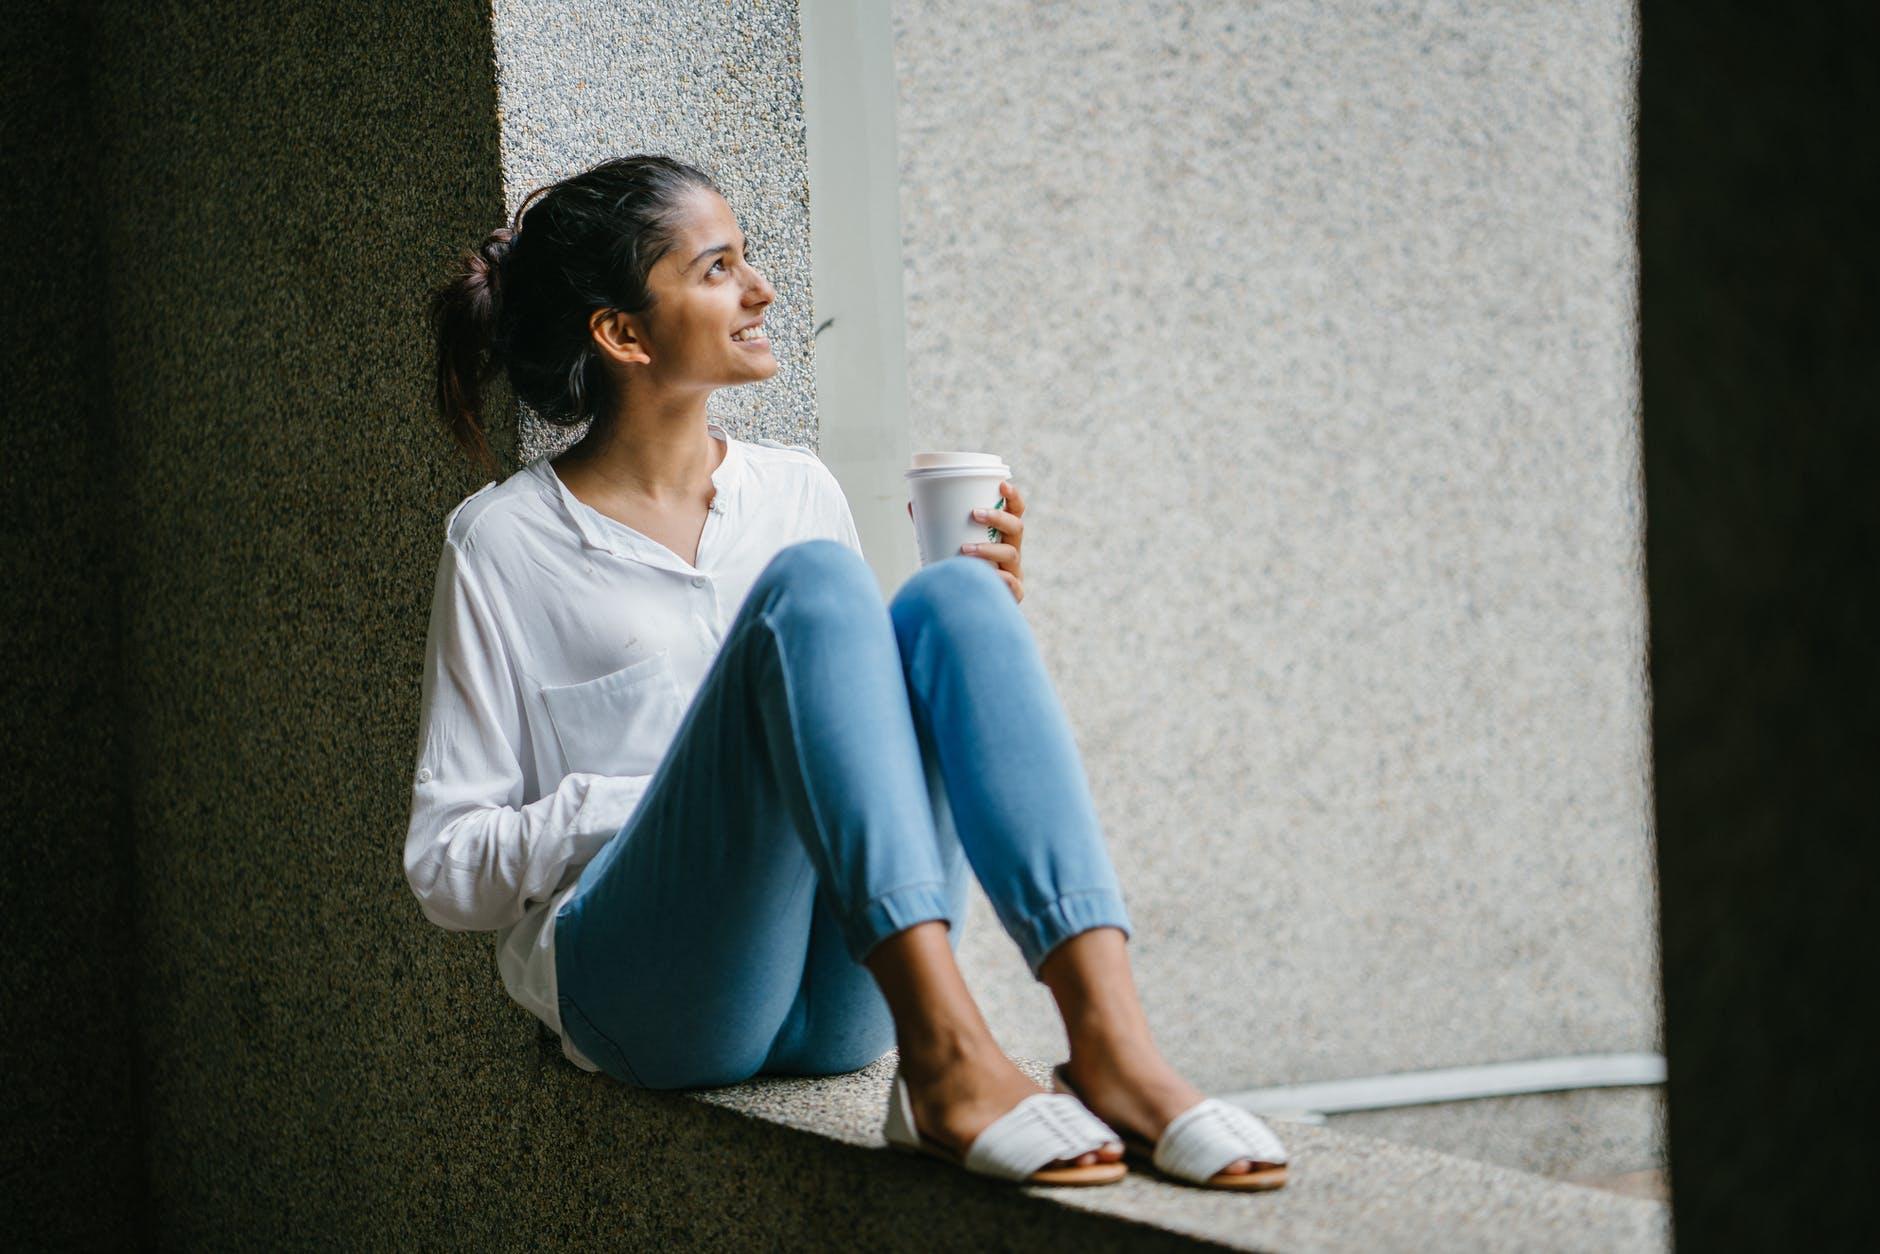 Lecciones gracias al minimalismo